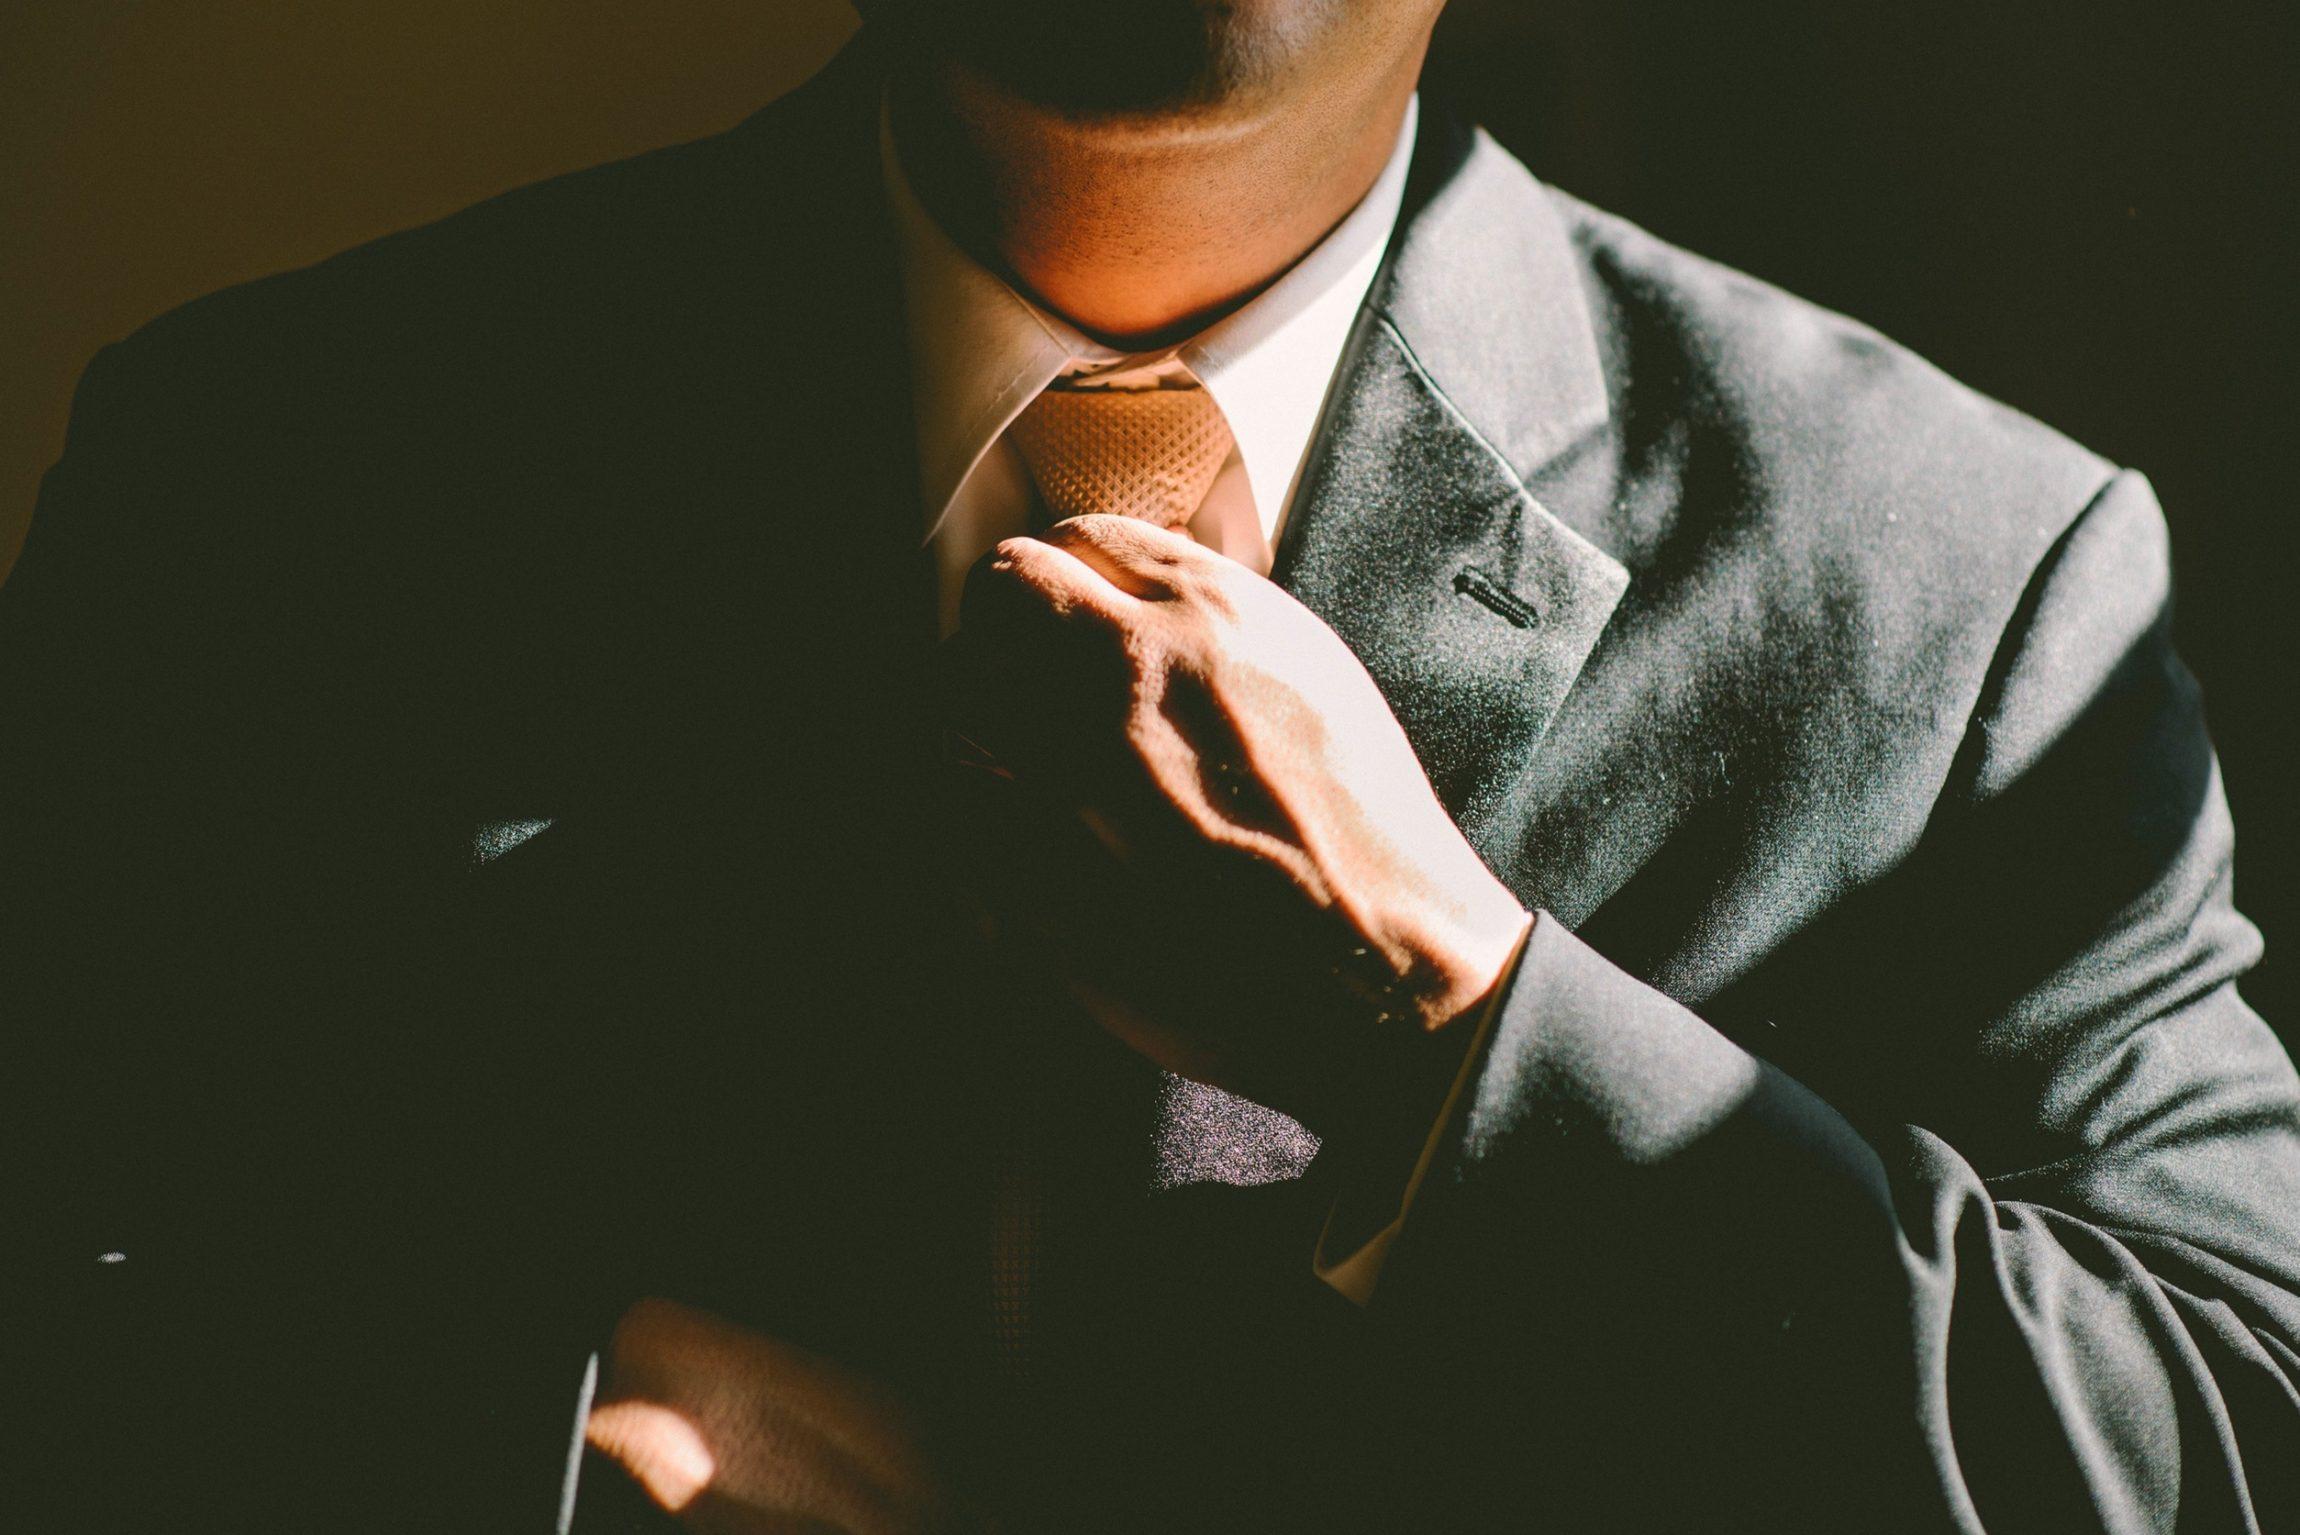 Lage kwaliteit en hoge kosten. Inflexibiliteit en traagheid. Een cultuur waarin de medewerkers 'omhoog kijken', naar hun leidinggevende, zelf nauwelijks verantwoordelijkheid nemen en steeds de schuld buiten zichzelf leggen. Herken je deze pijn van een organisatie of onderneming? Dan daag ik je uit om door te lezen. Want hoe los je deze pijn op? Welke […]